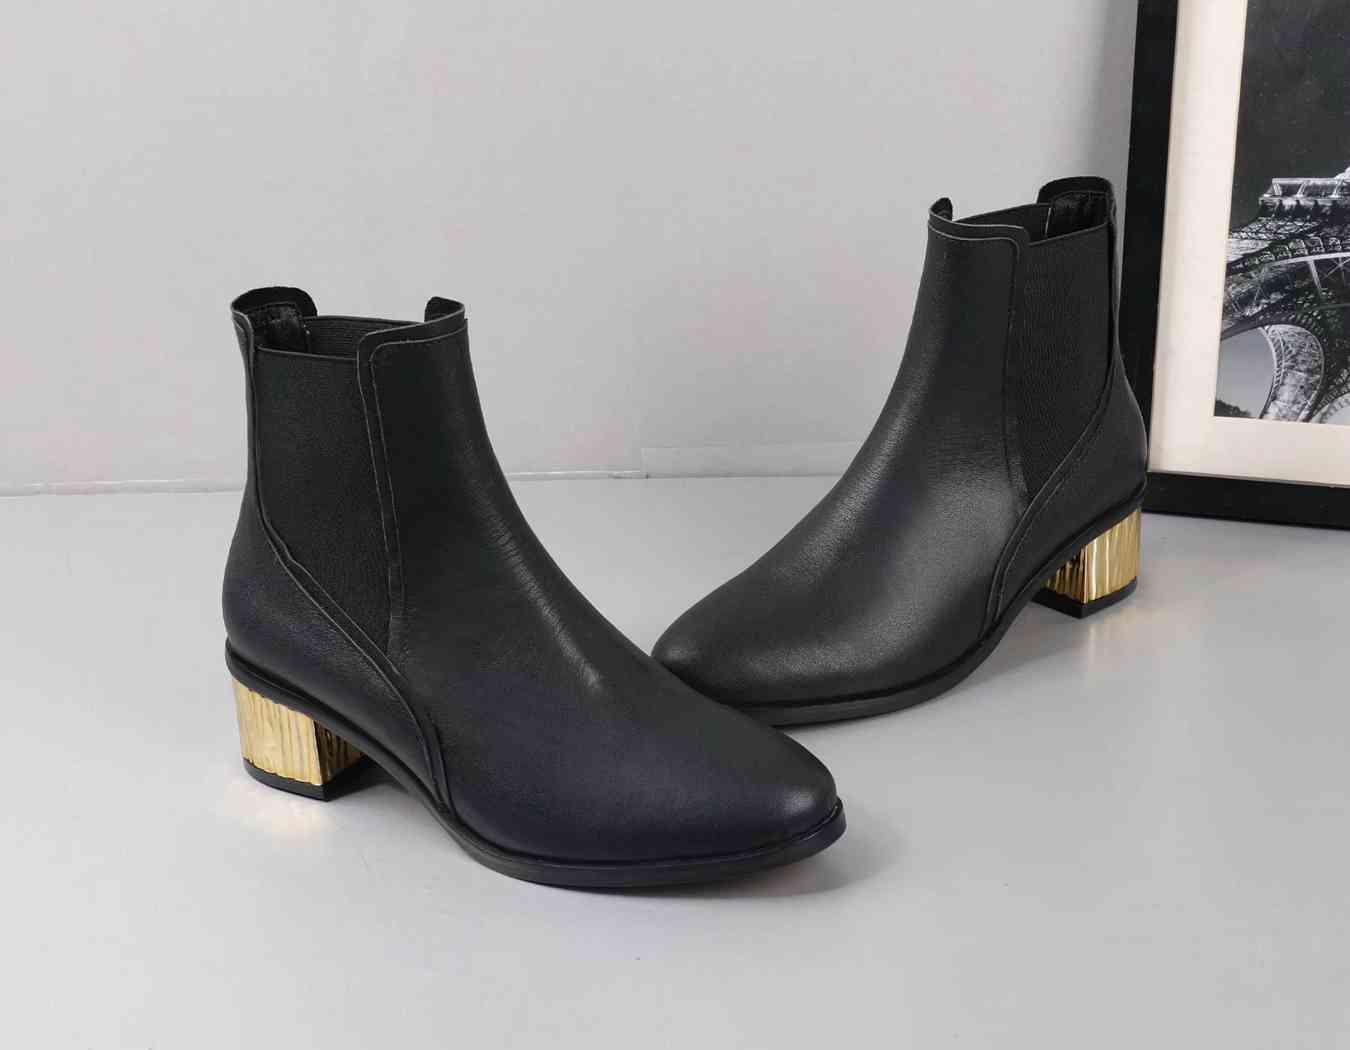 Fashion top bottes dames luxe partie design bottines noires en cuir brun à faible talon en daim bottes pour femmes tube courtes plates 35-39